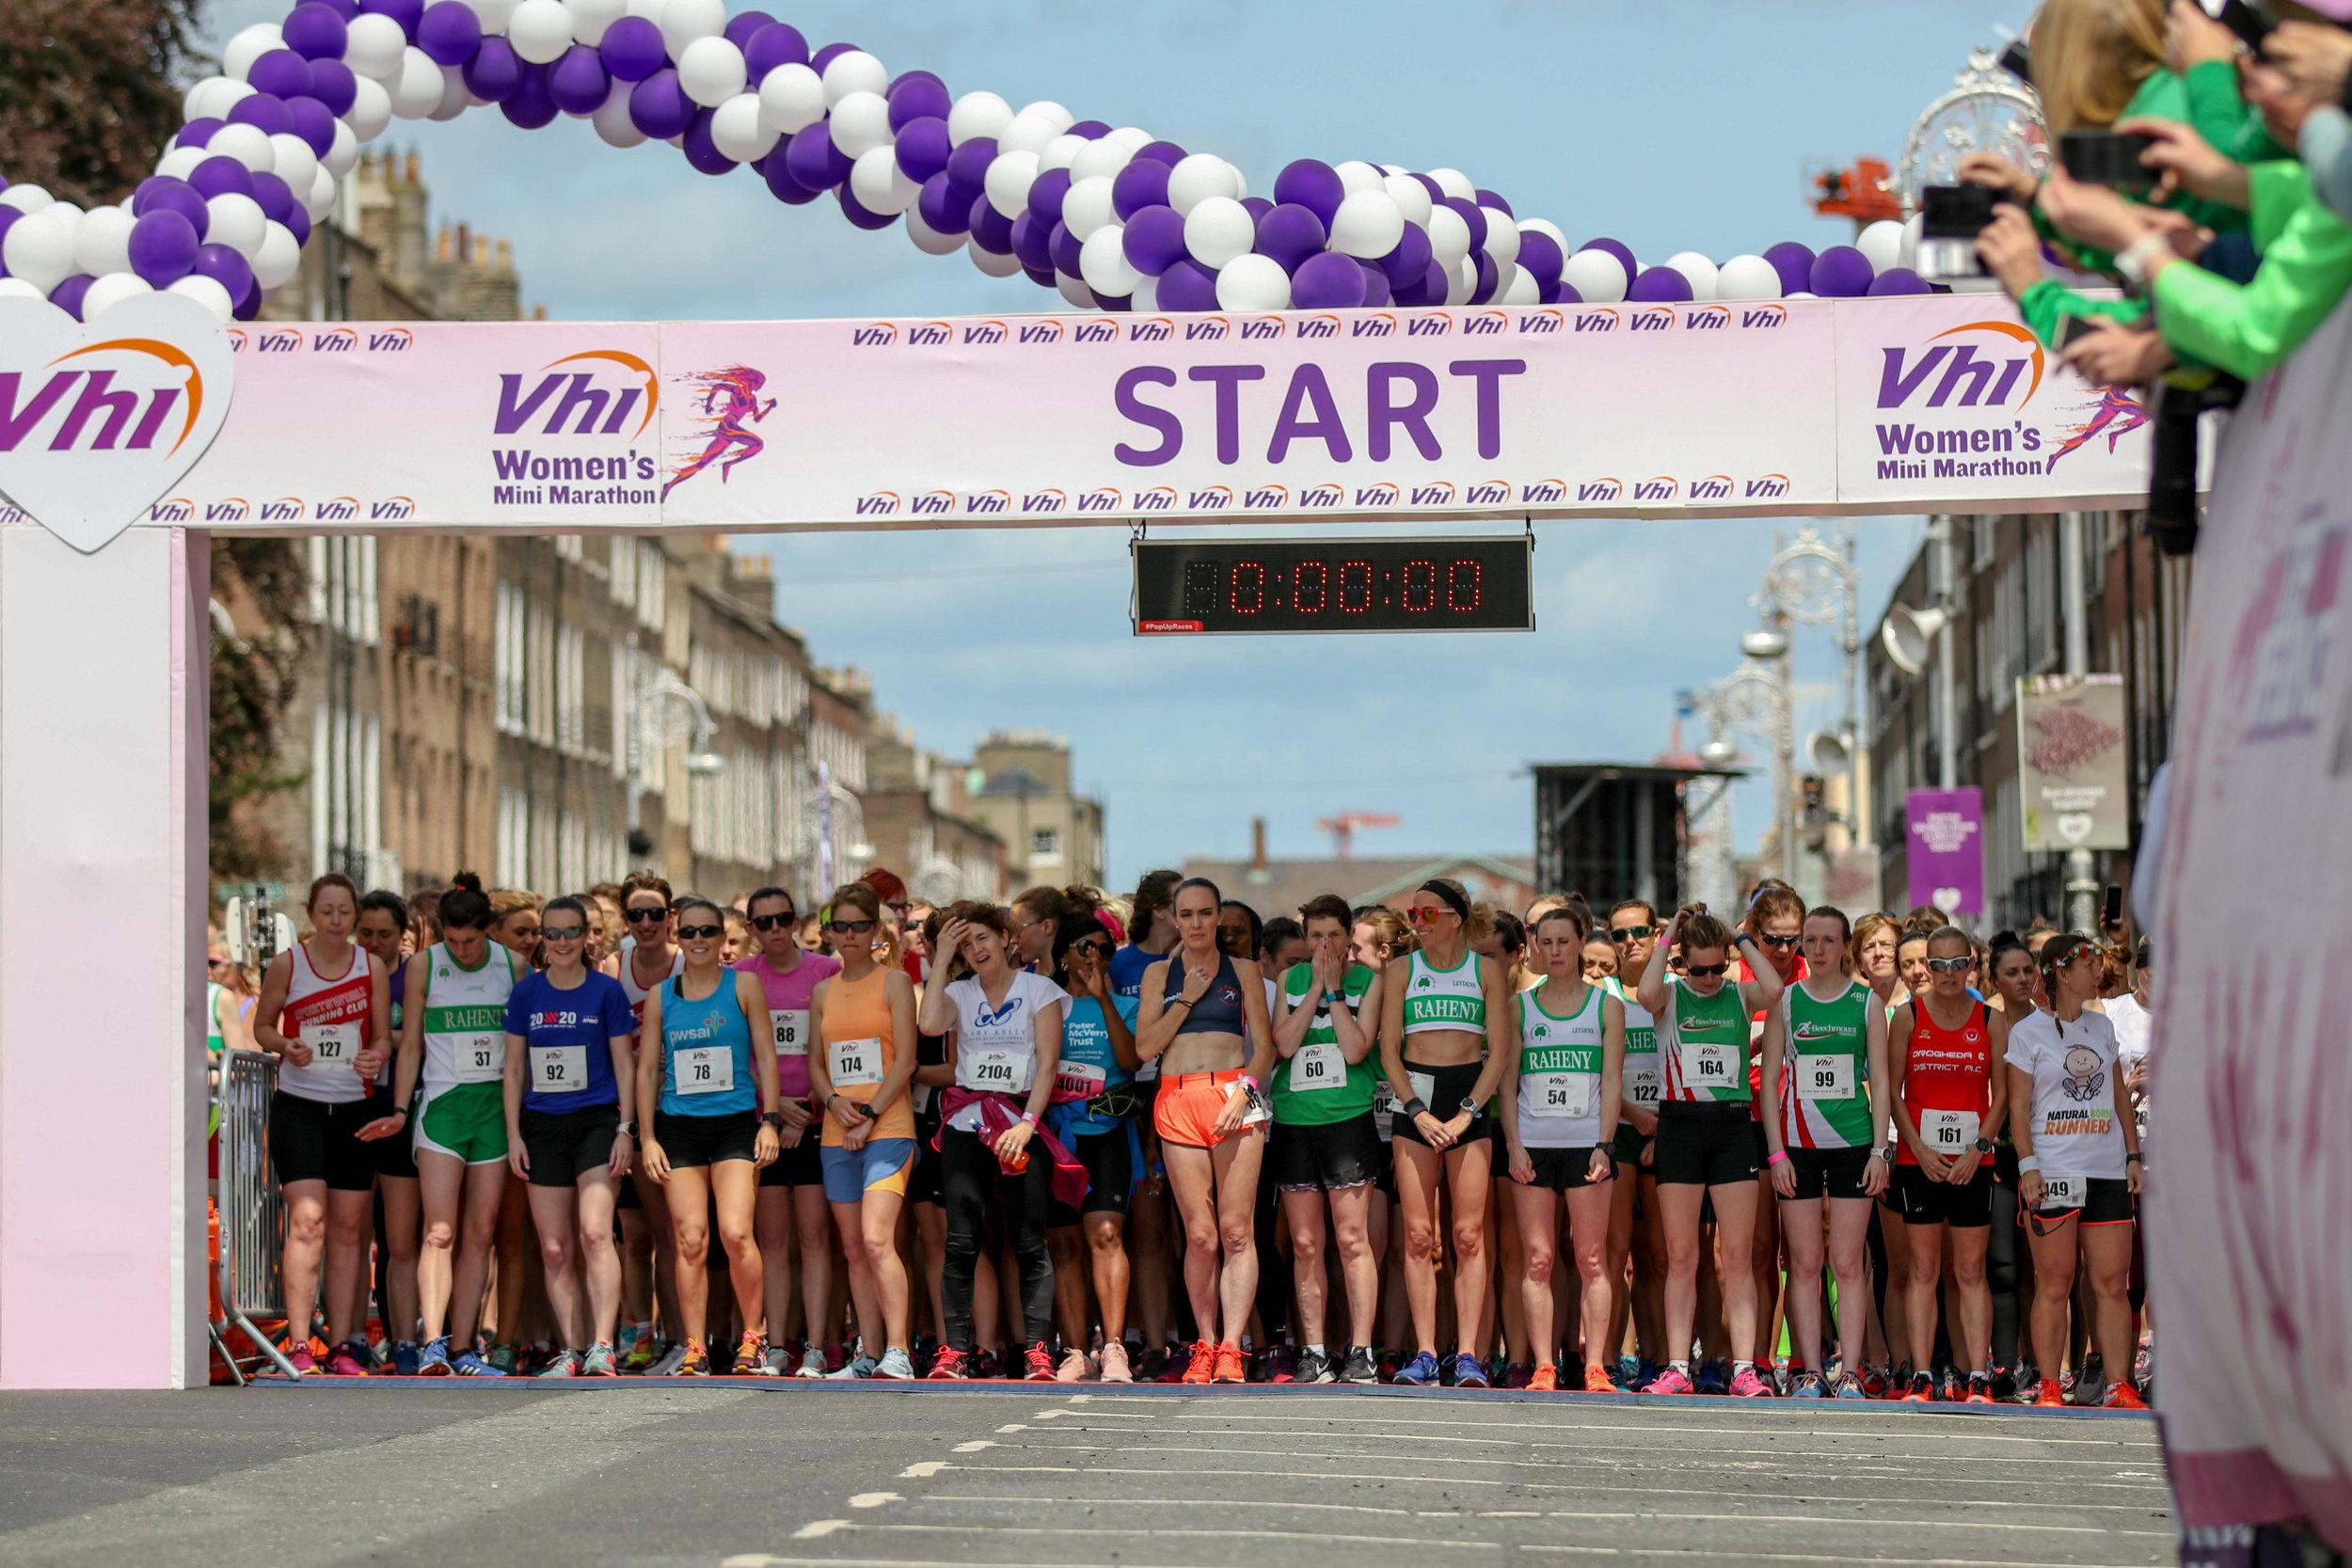 Vhi Womens Mini Marathon